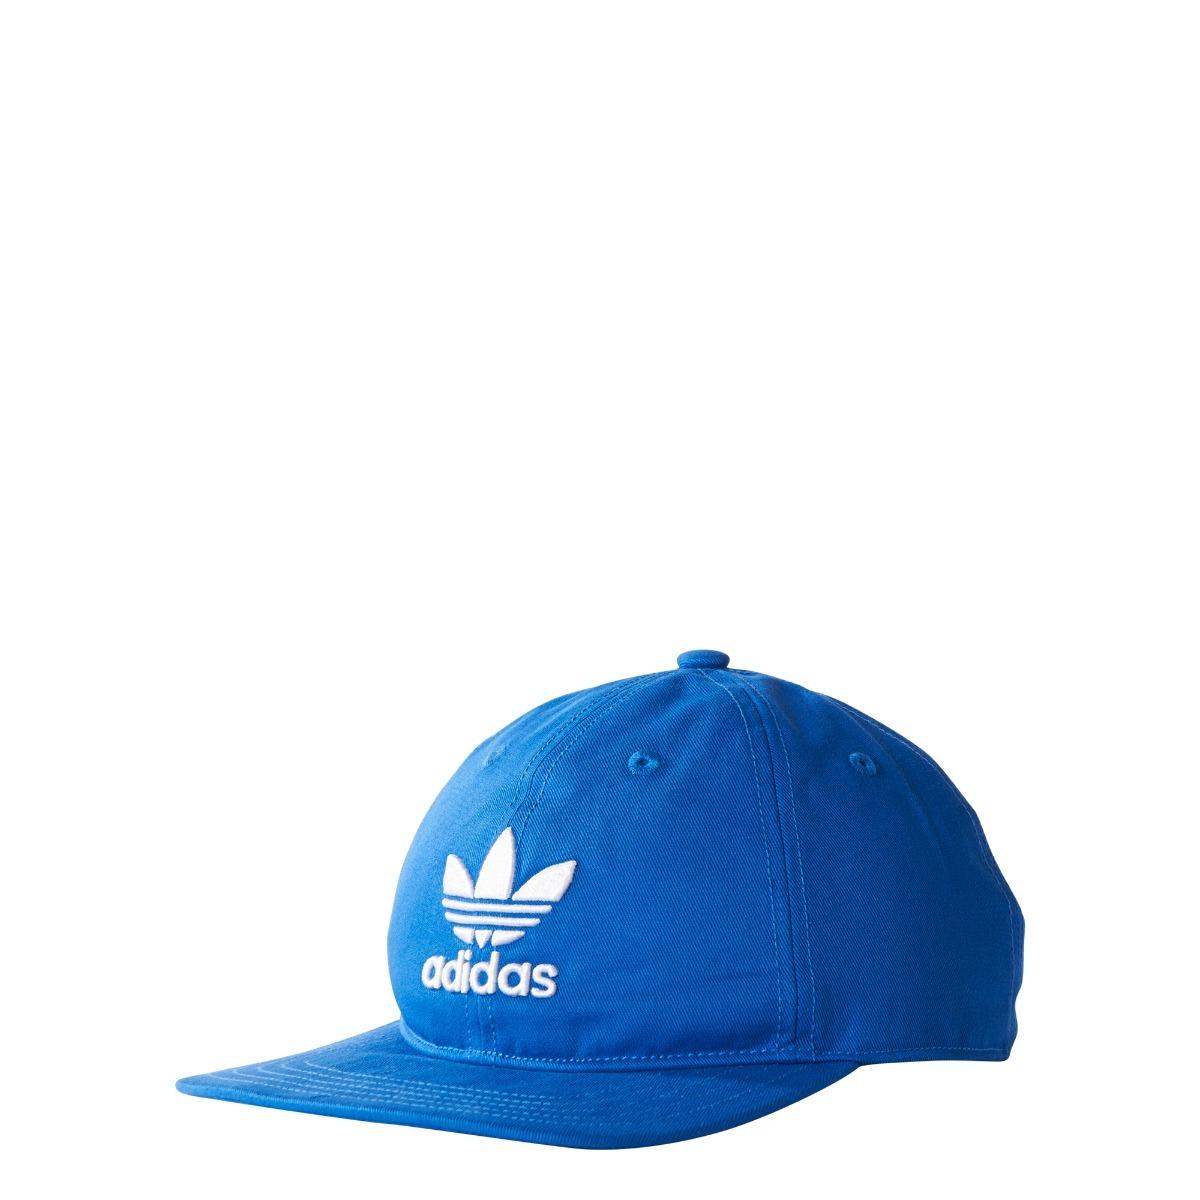 gorra adidas trefoil azul hombre piloto original moda msi. Cargando zoom. 8b7a334f9b9